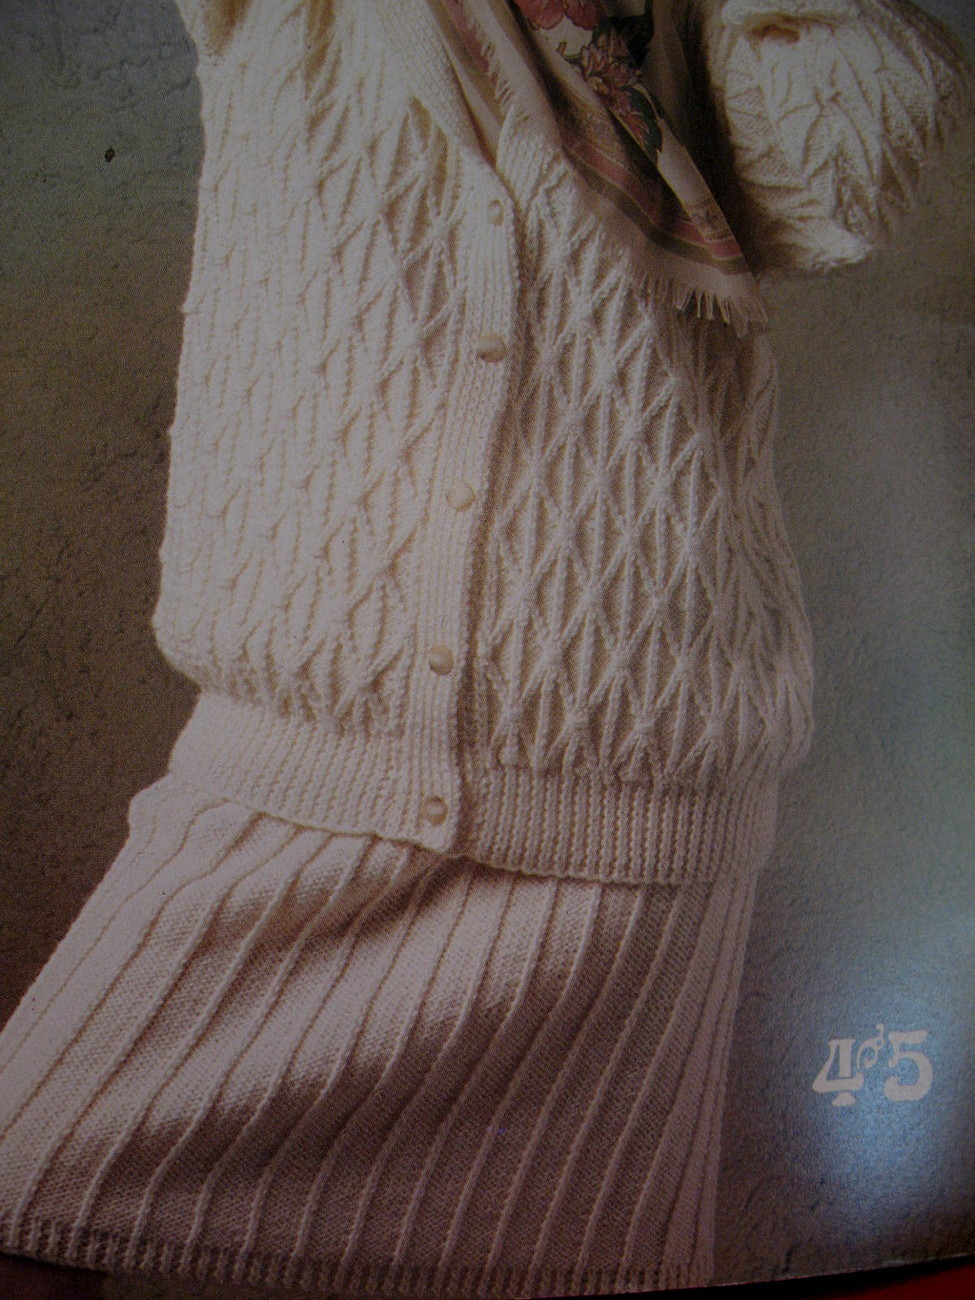 Patons Aran Style Fisherman Knit Knitting Patterns Sweaters  image 3